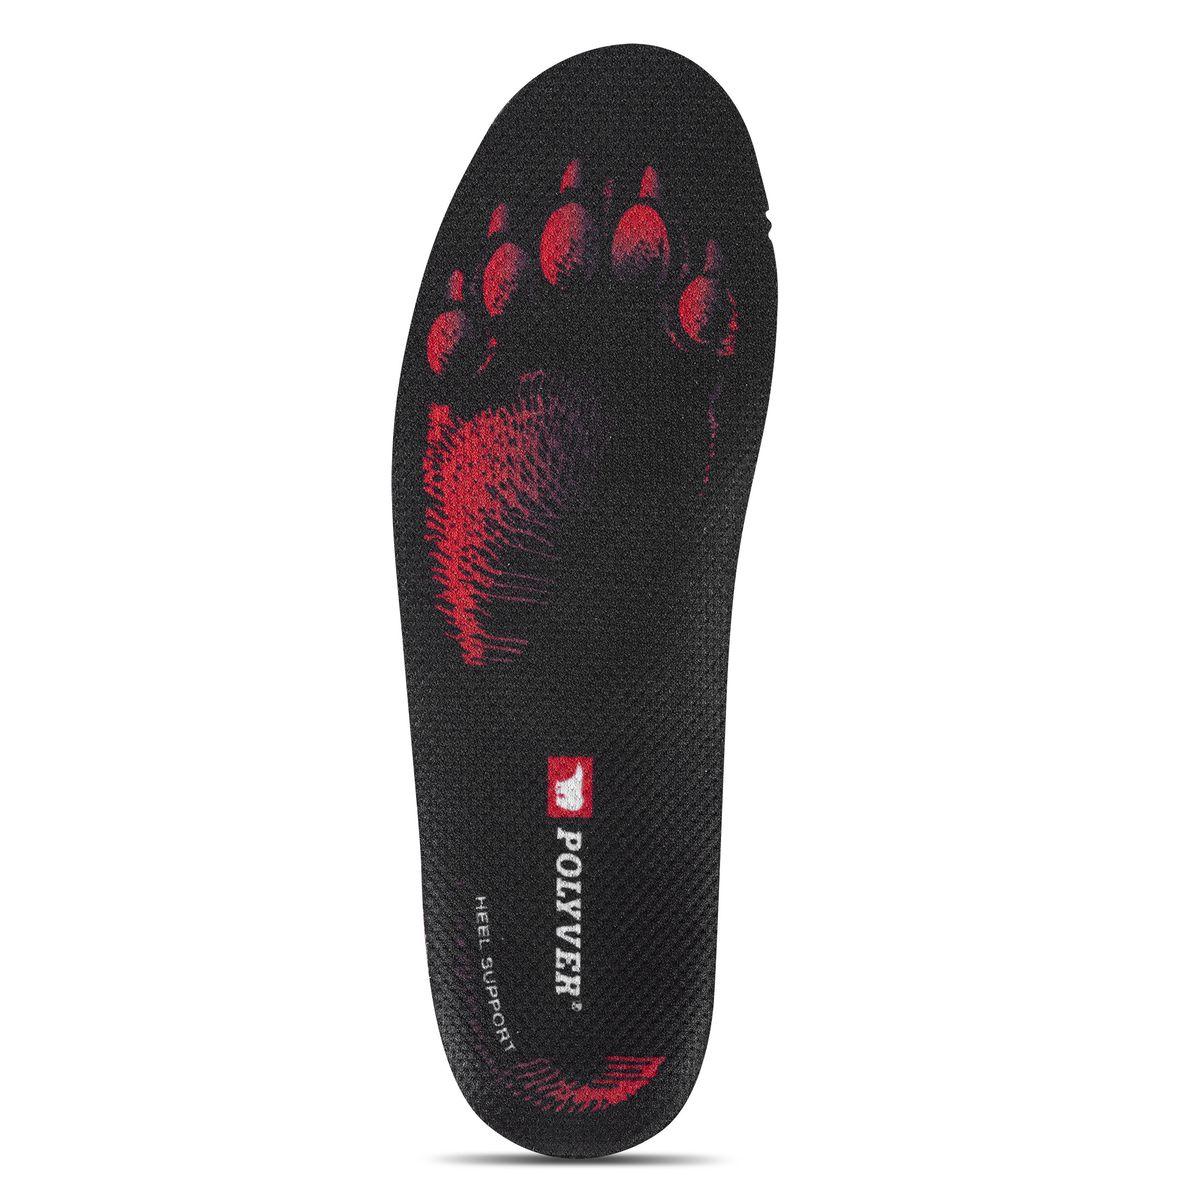 Стельки мужские POLYVER PREMIUM, цвет: красно-черный. Размер: 42-43 подставка под зубочистки нате вам